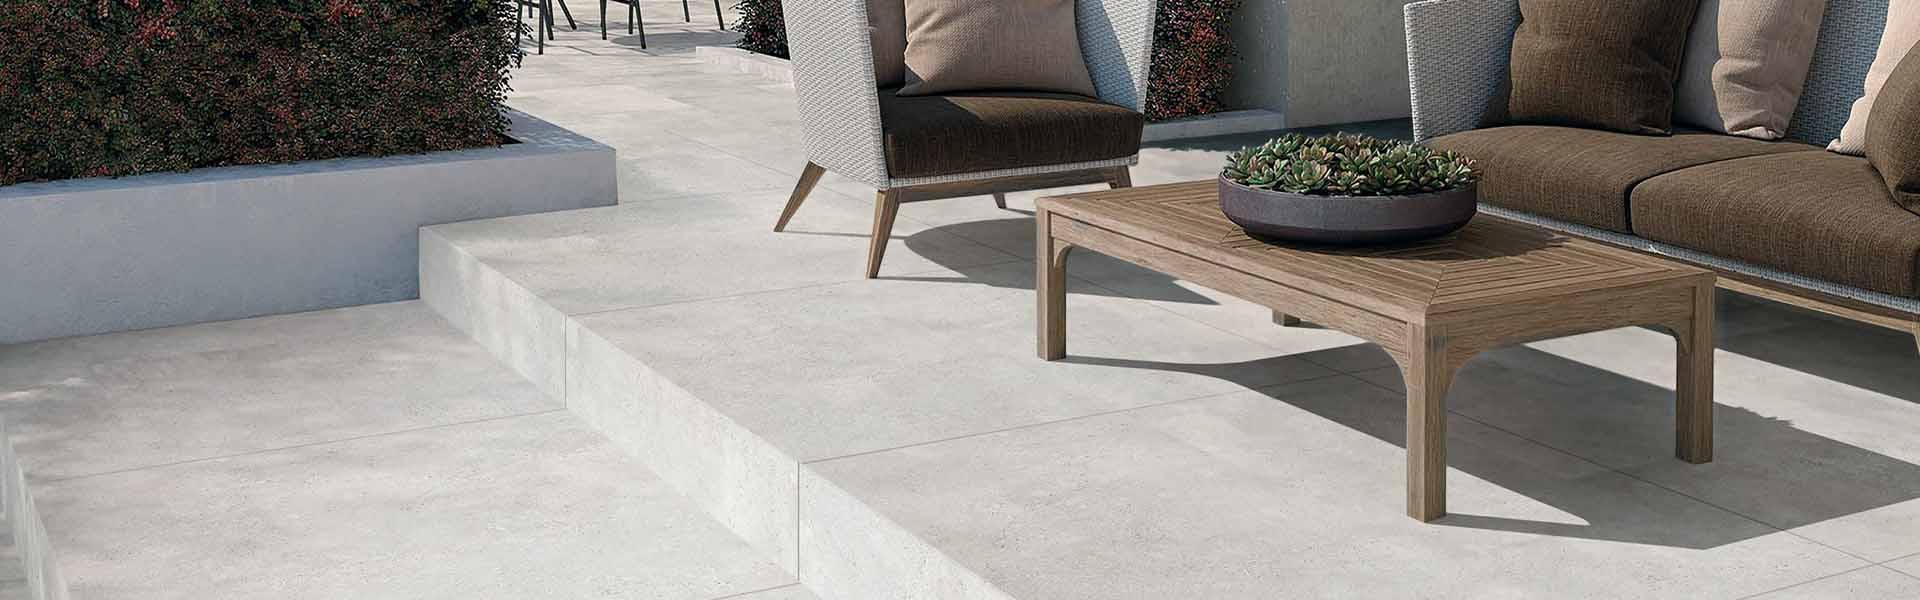 QA Tiles outdoor tiles